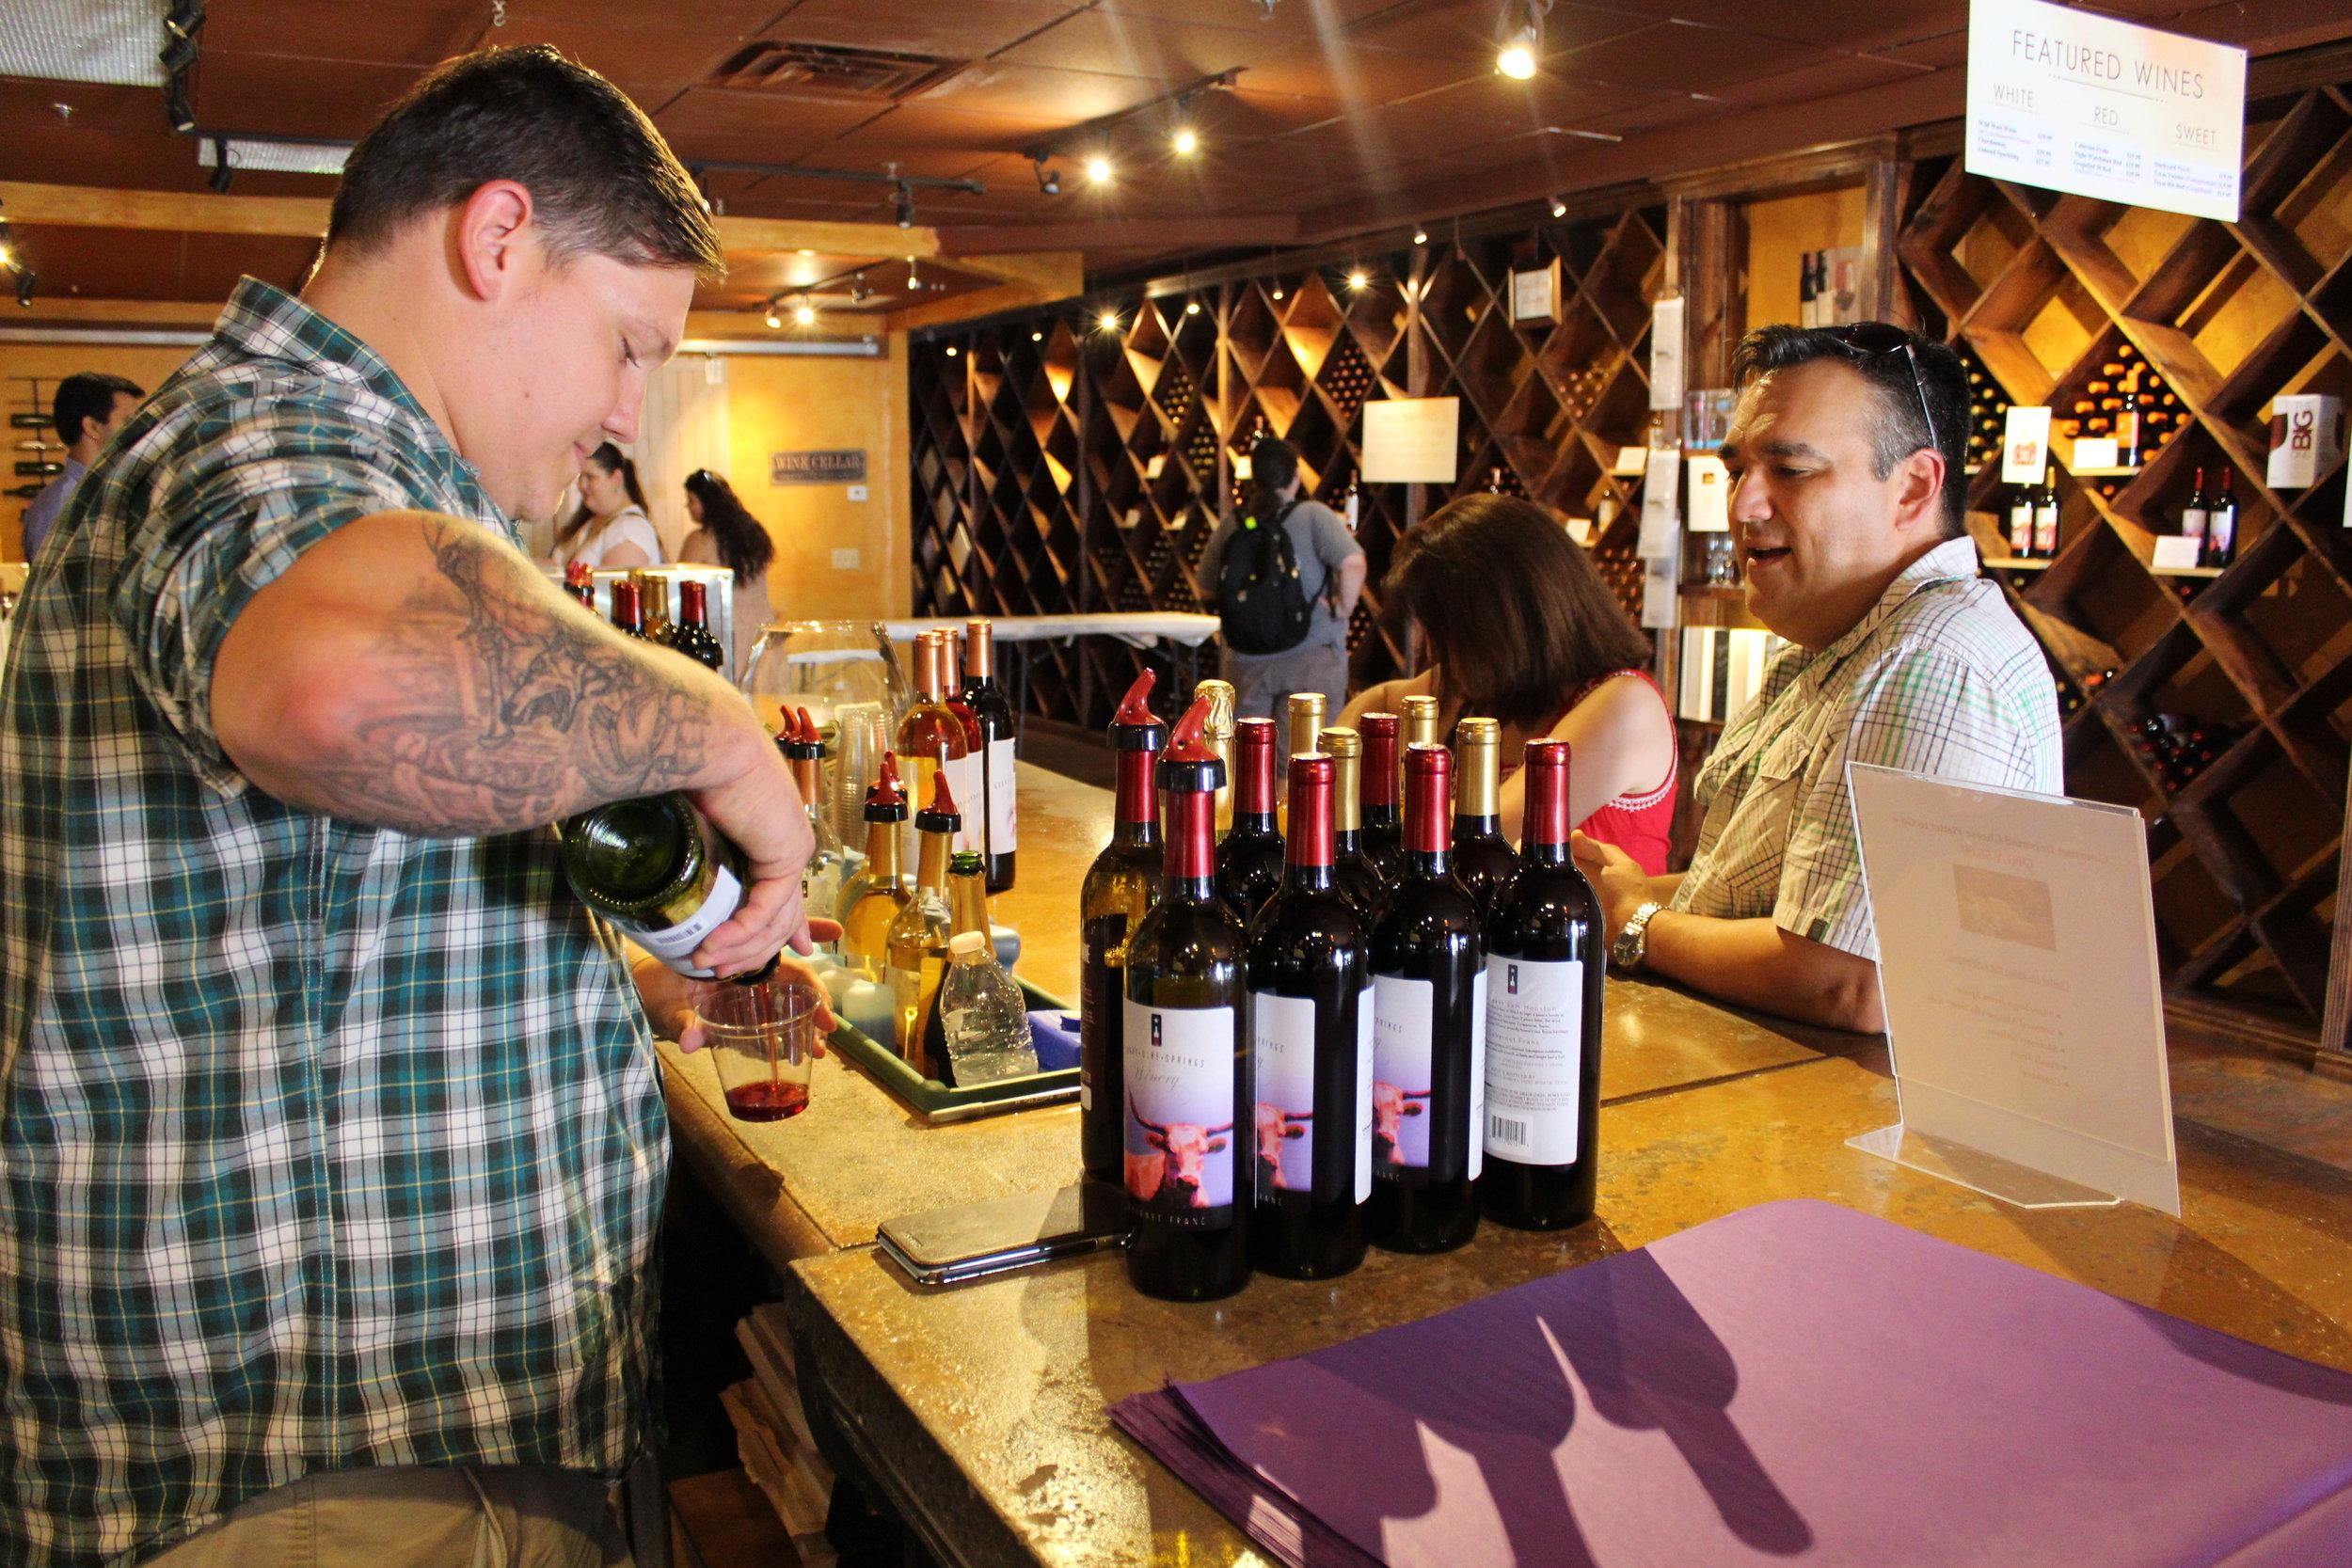 Gentleman_Serving_wine_winery_developers